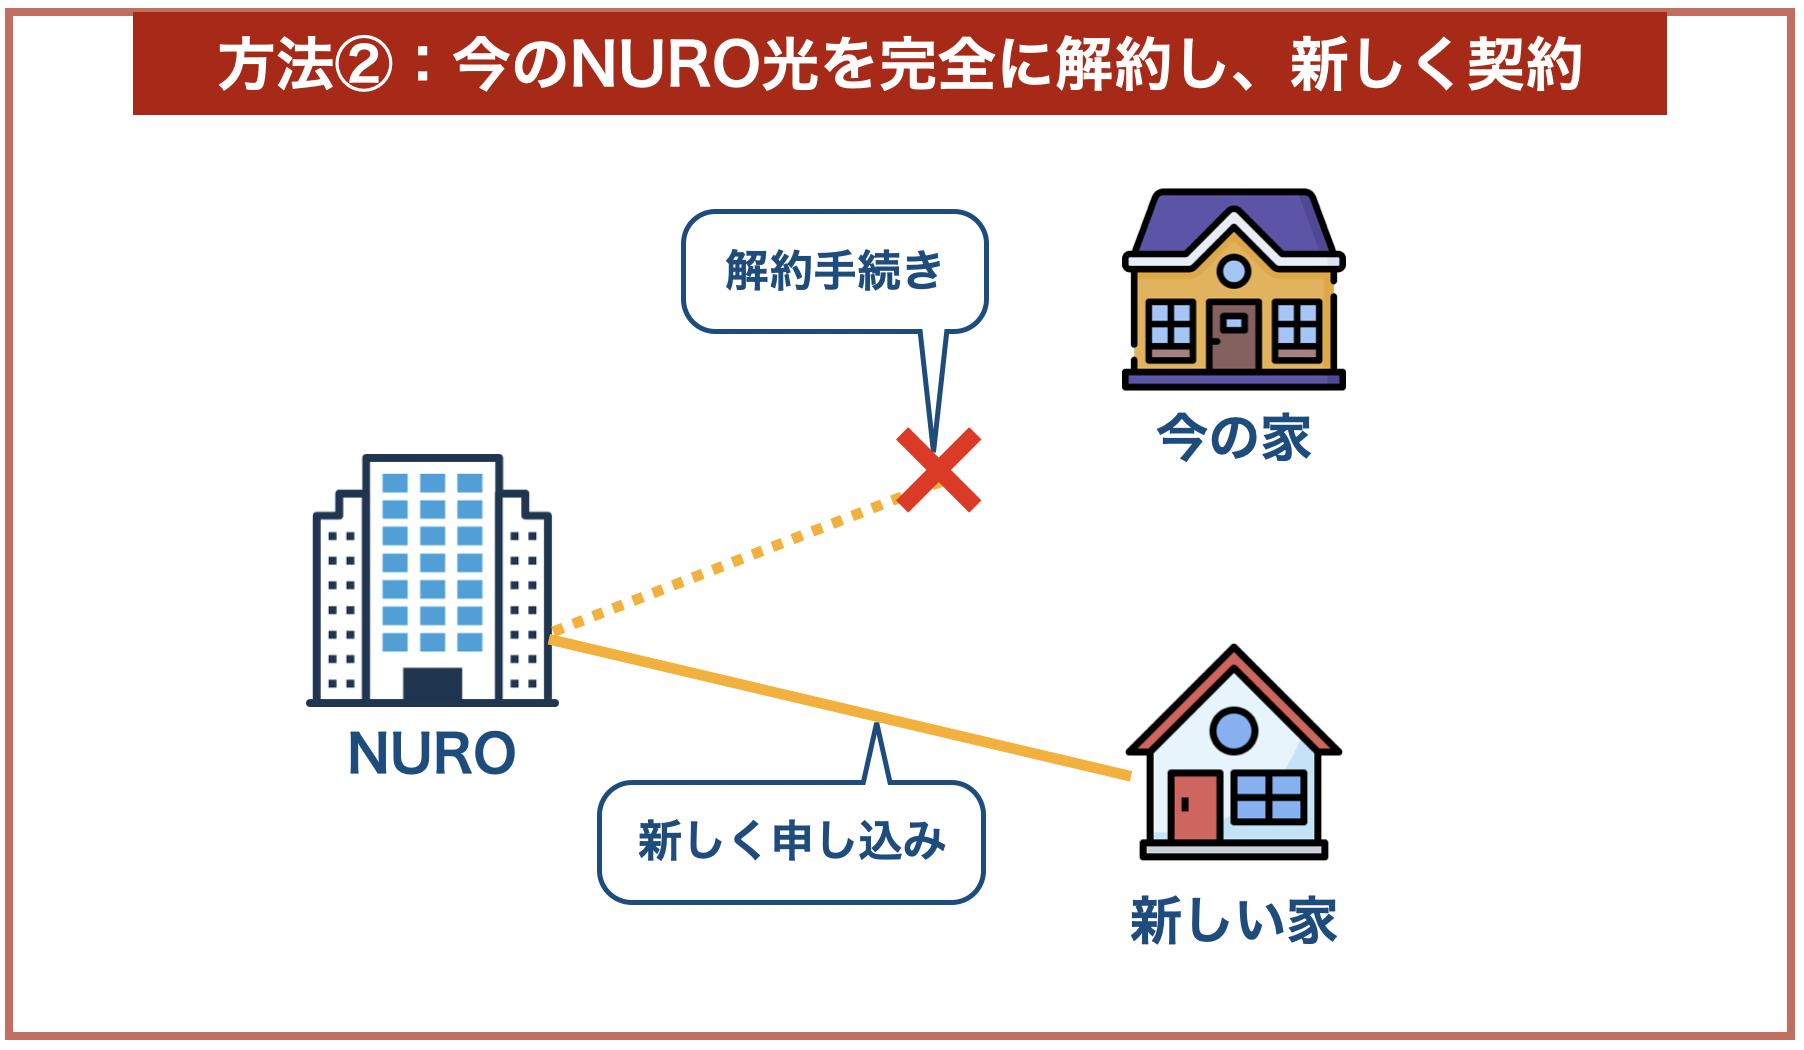 NURO光の解約新規